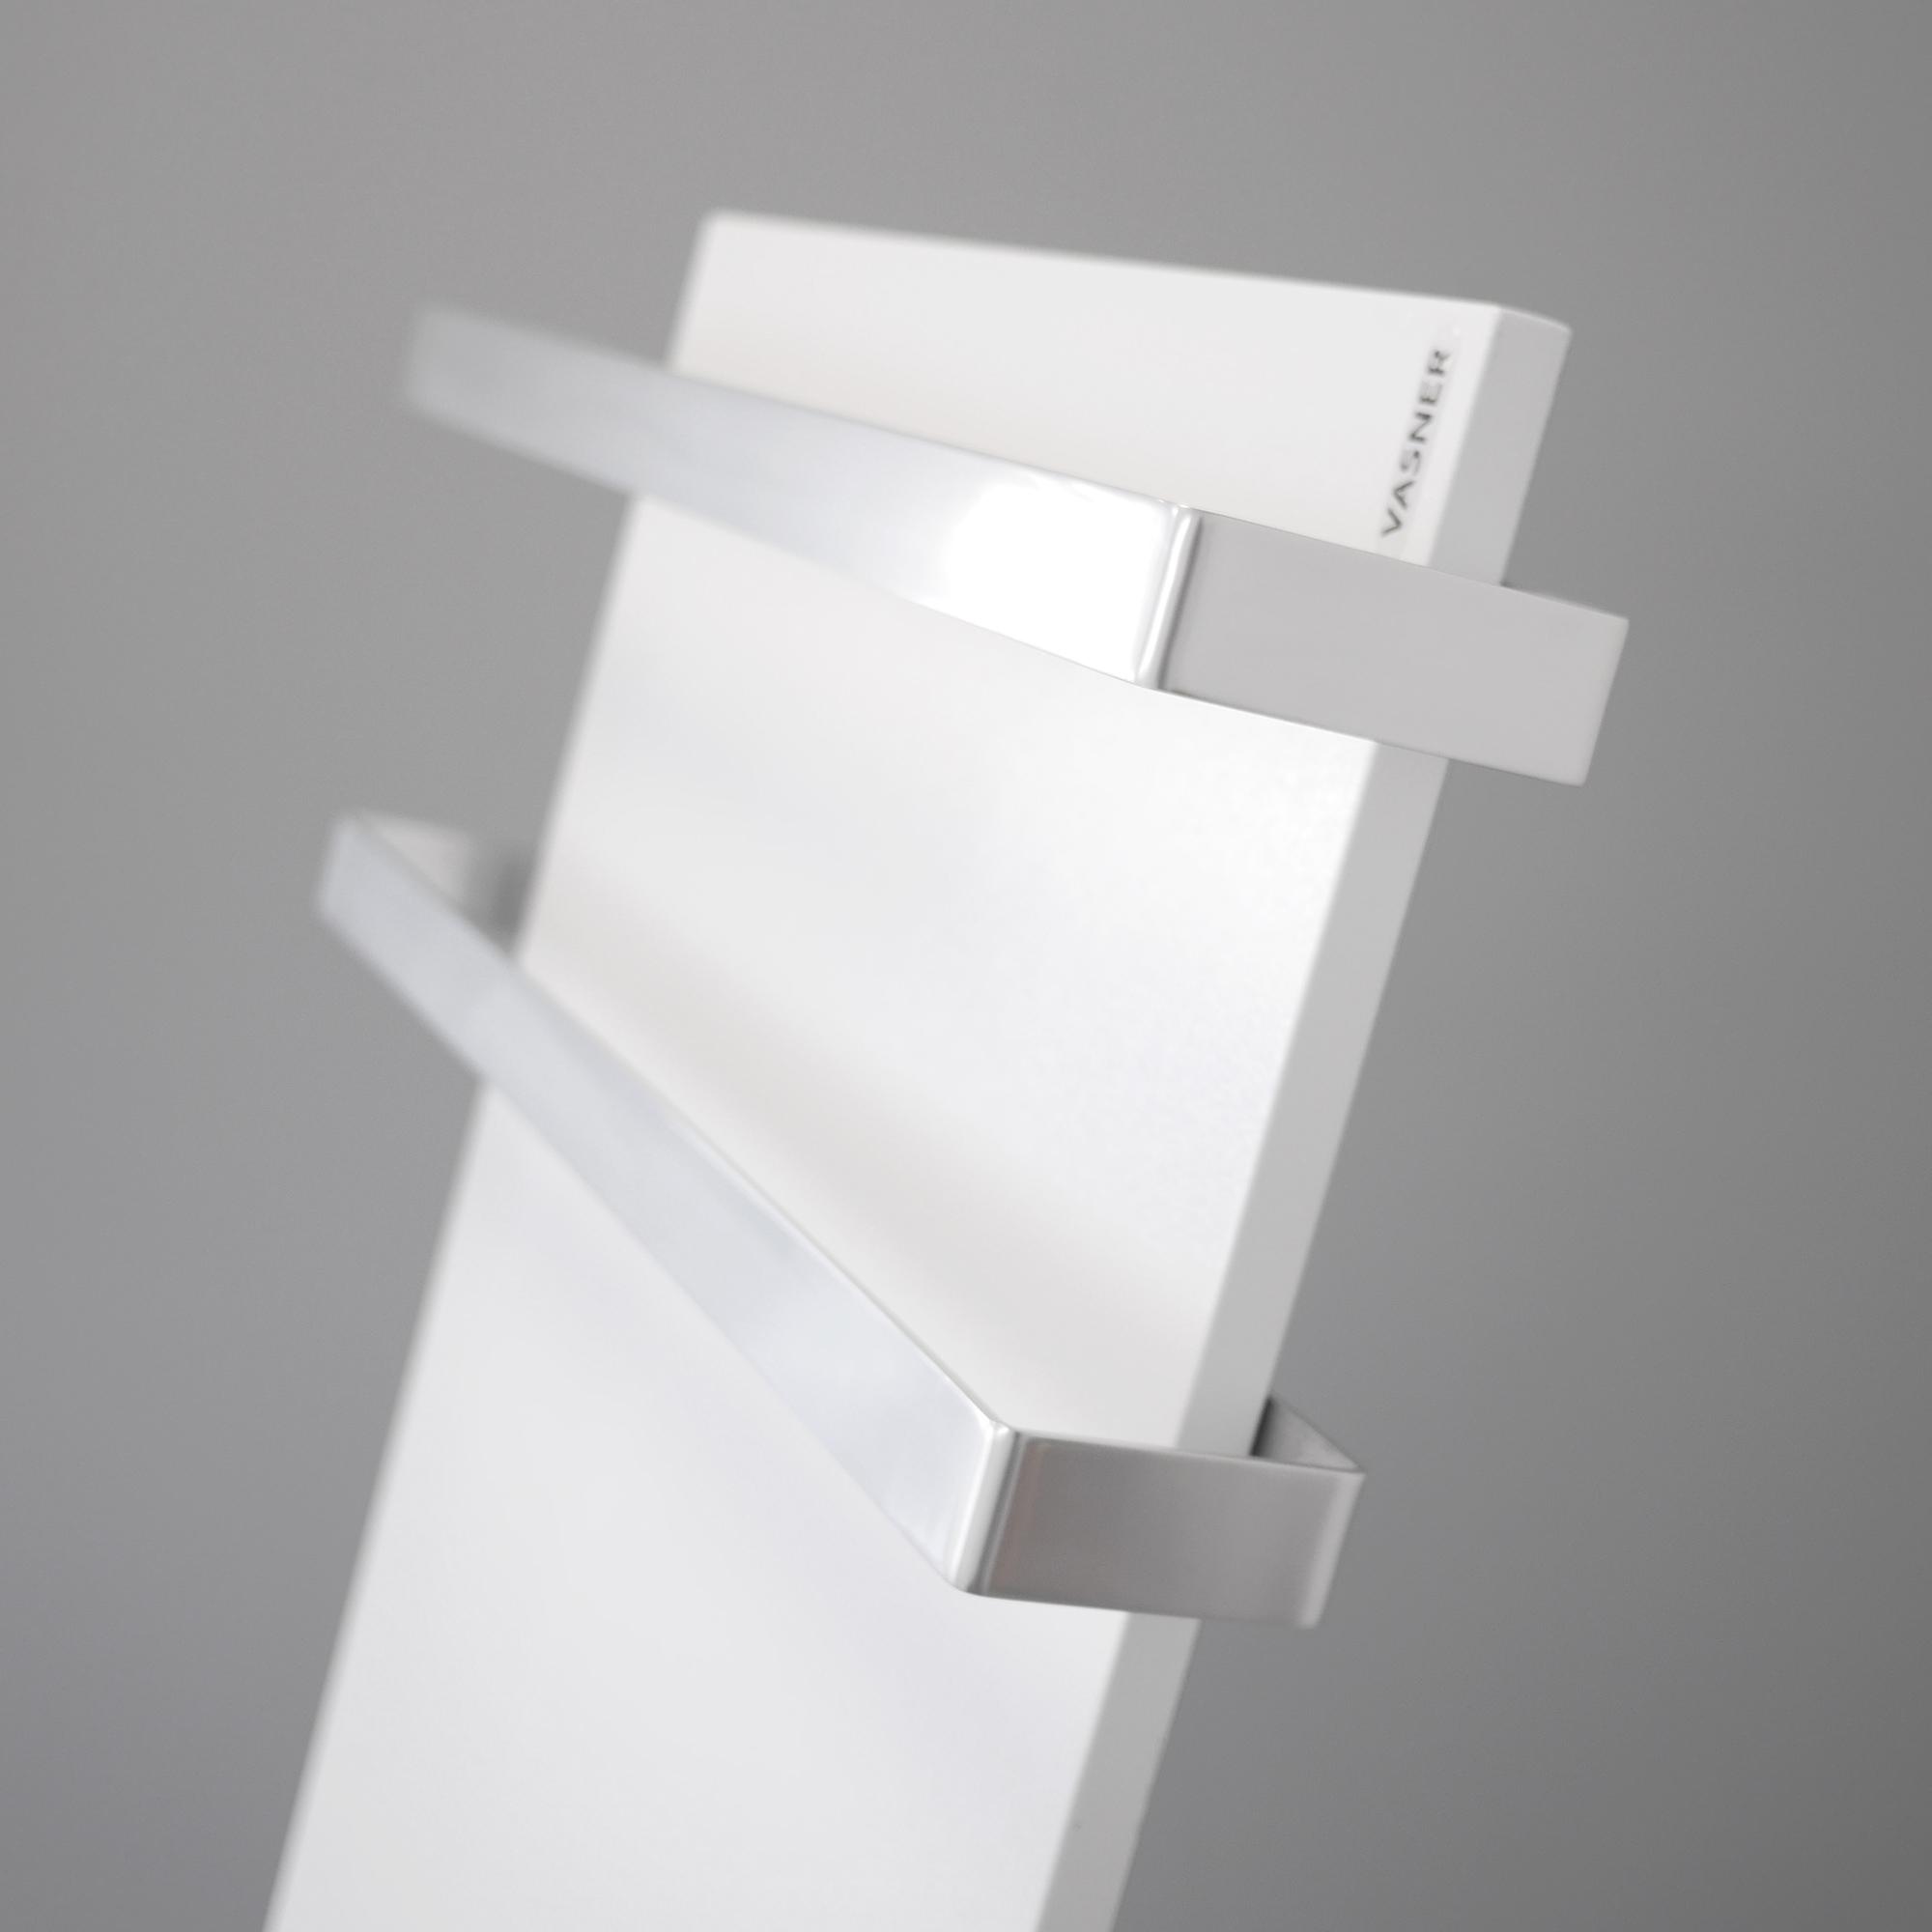 Glasheizkörper mit Handtuchhalter nachrüsten